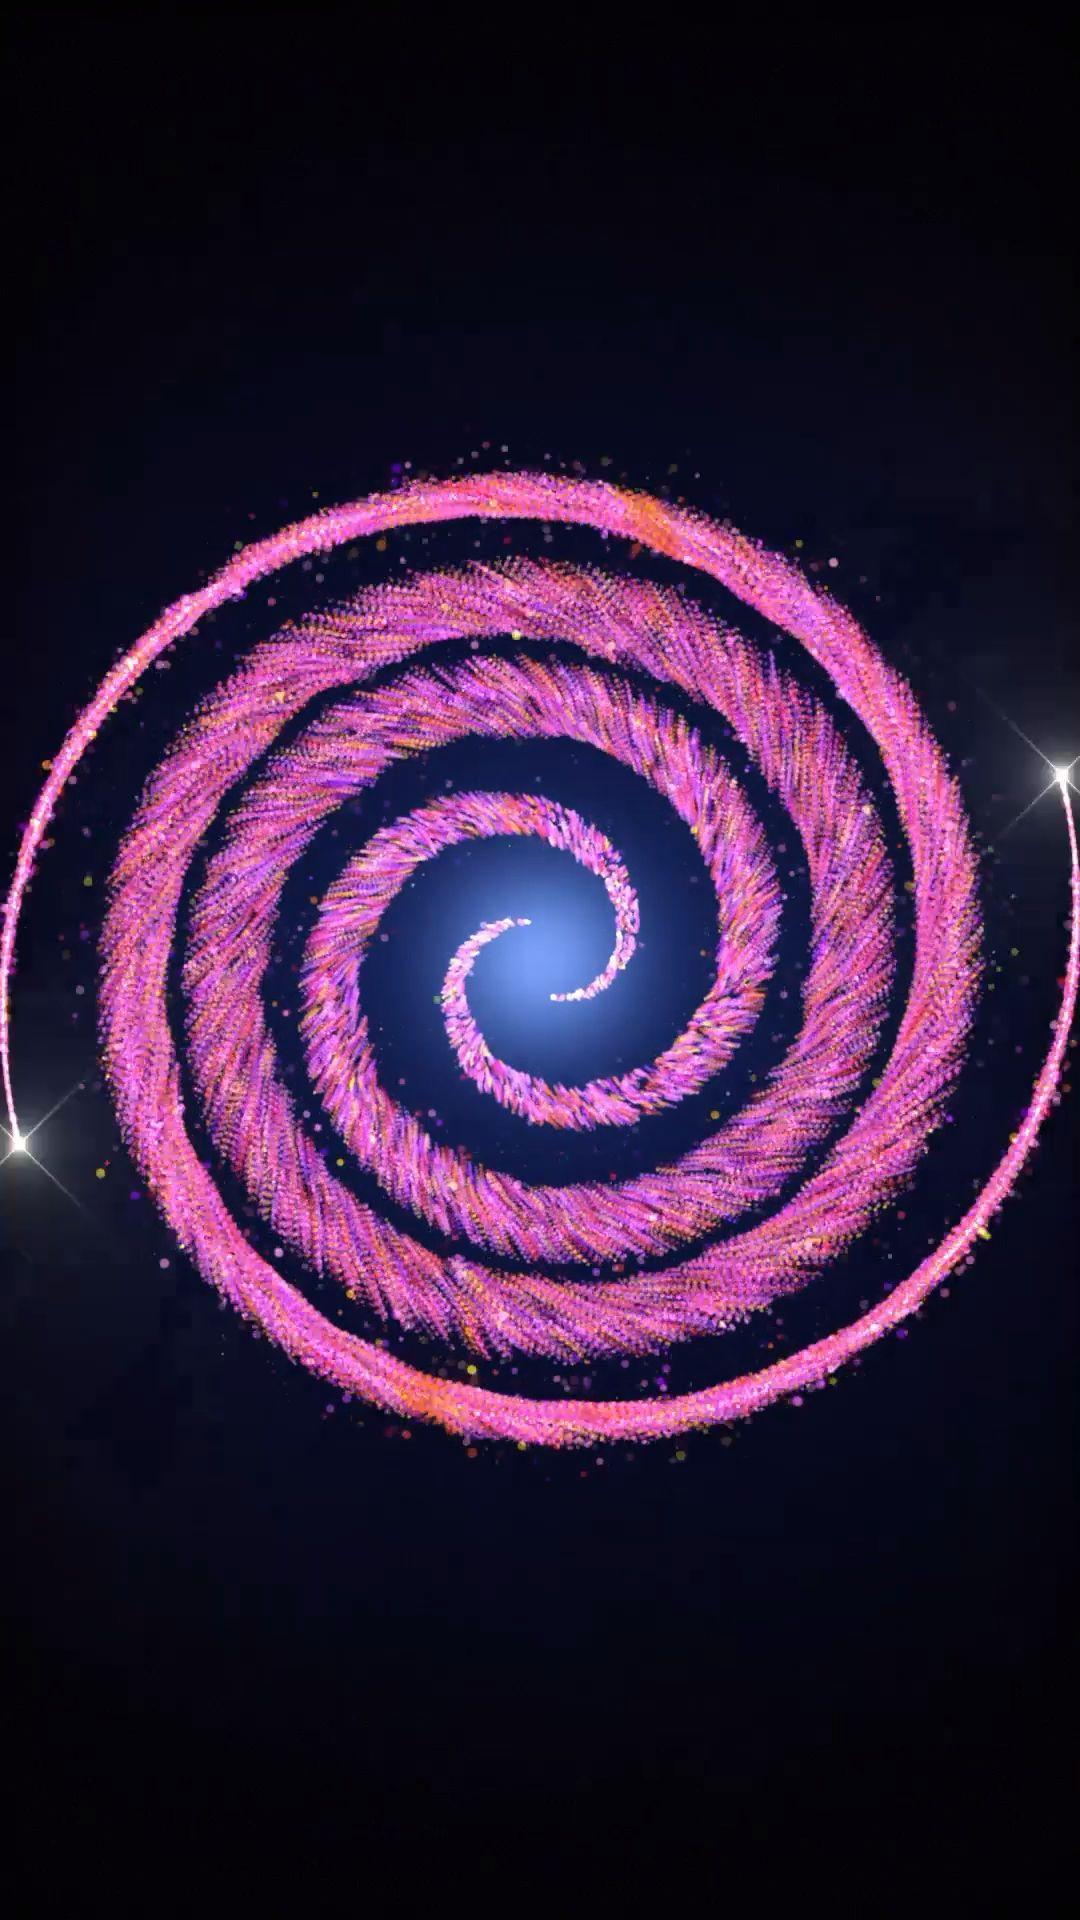 Hypnotic live wallpaper